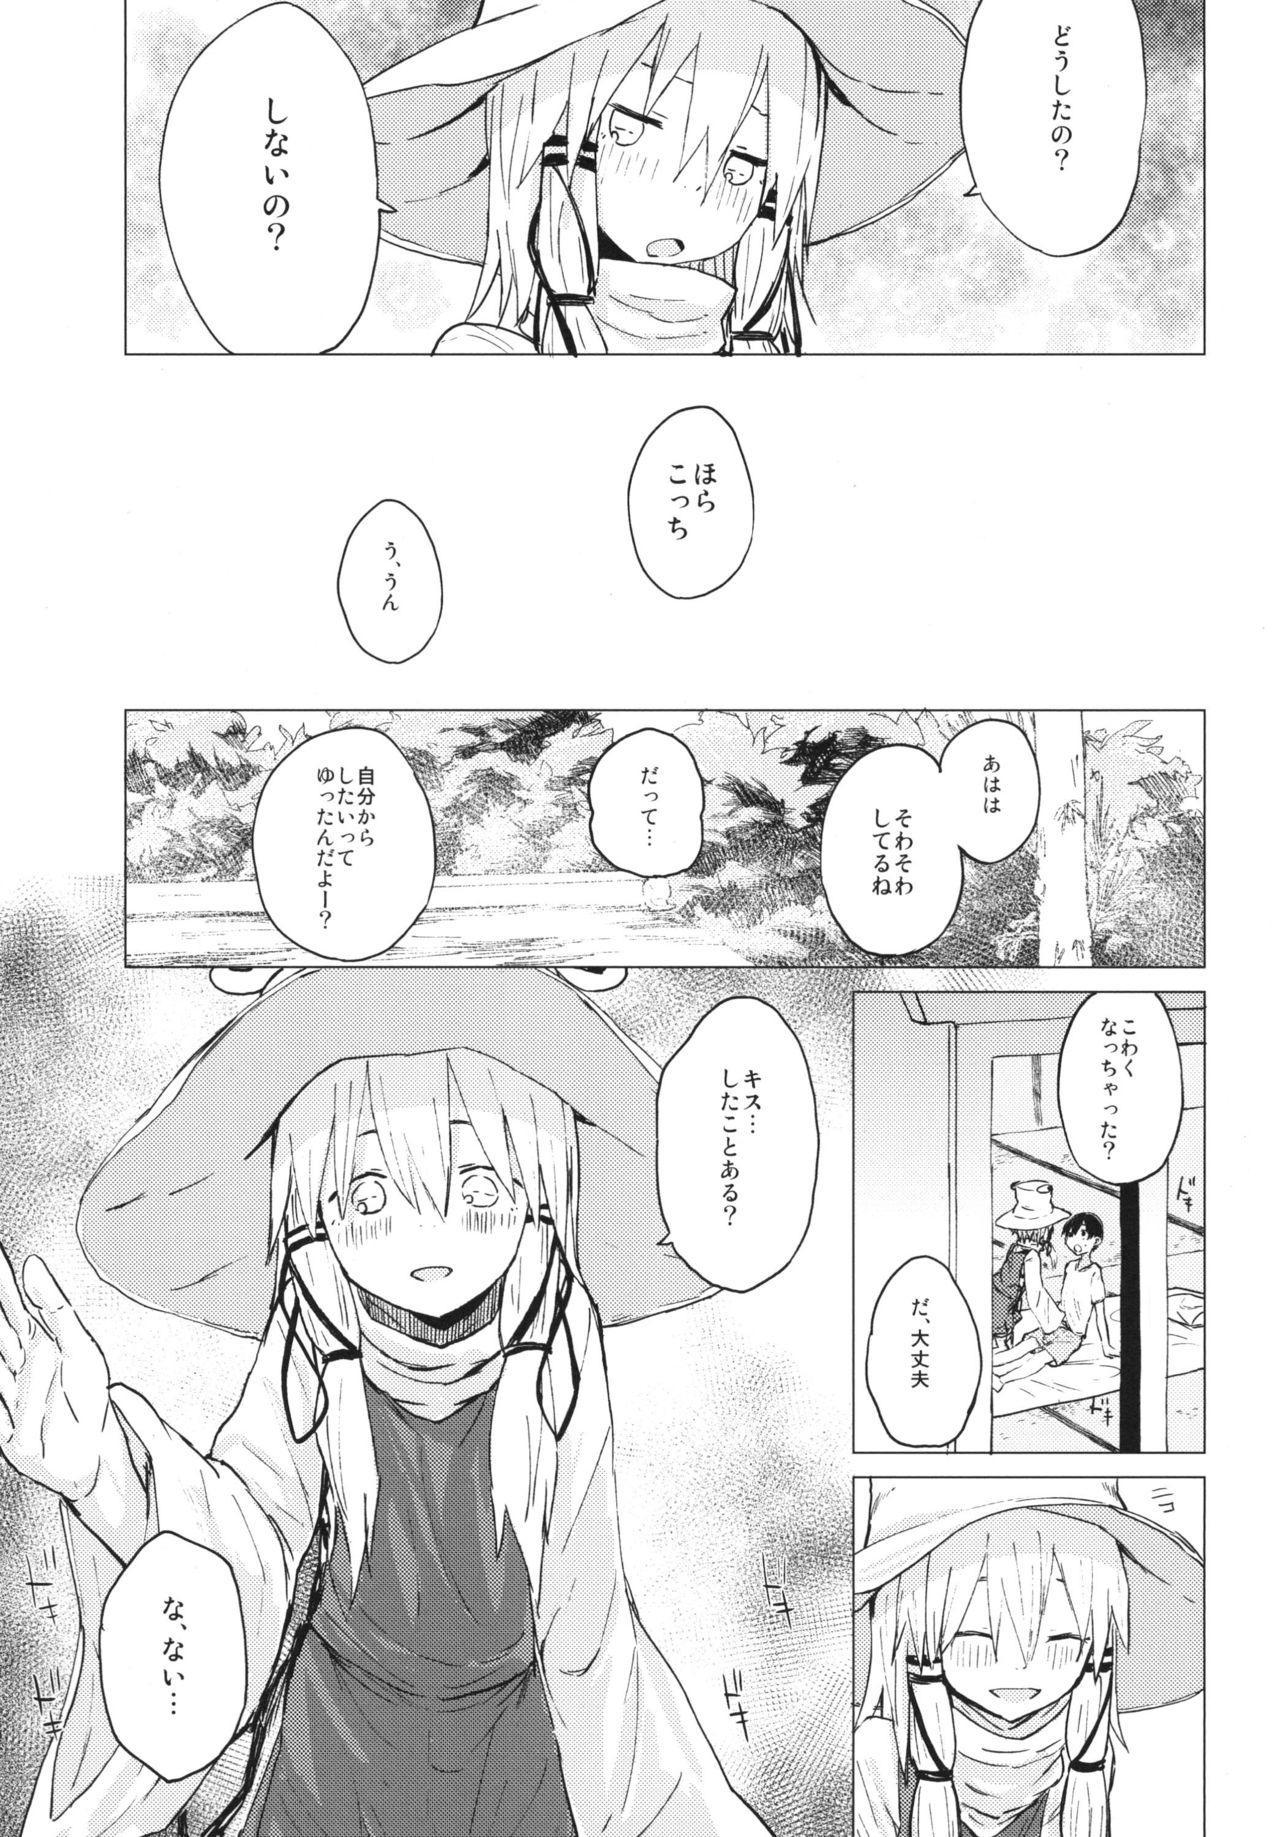 Suwa Shota 01 12